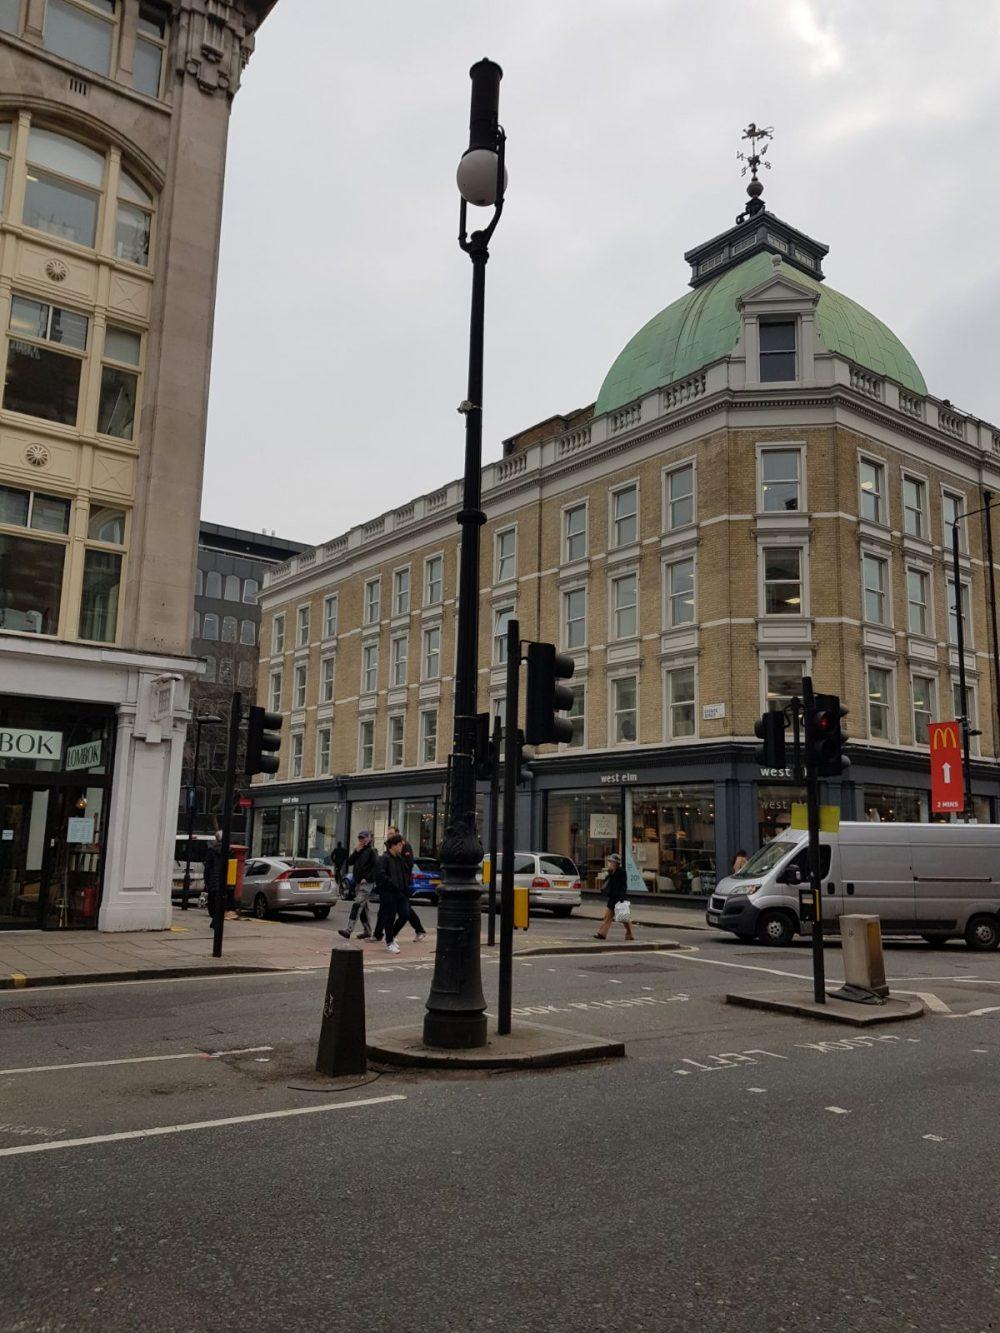 New LED street lights brighten up Camden Town